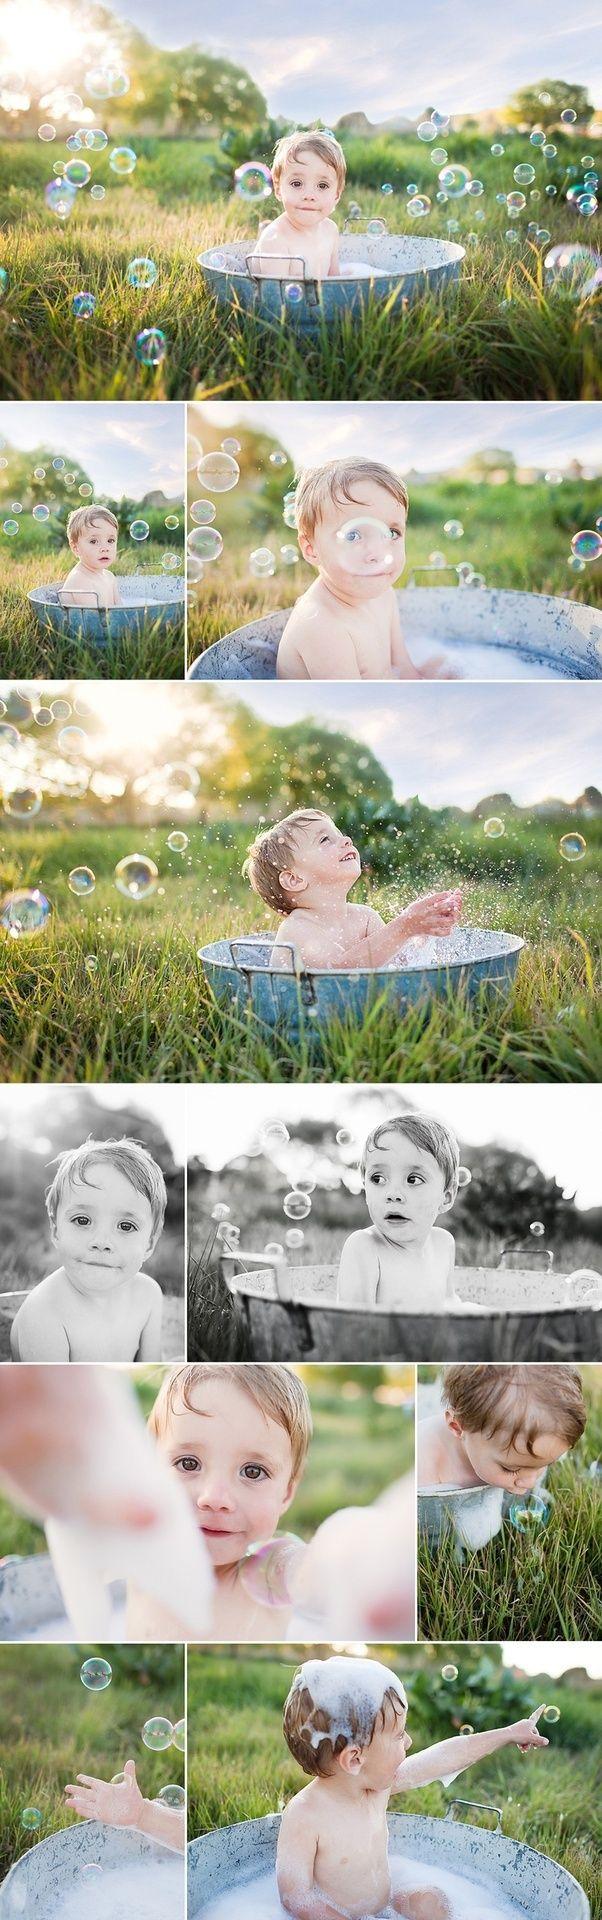 cute lil' boy :) Bebé en la bañera #verano #bebés